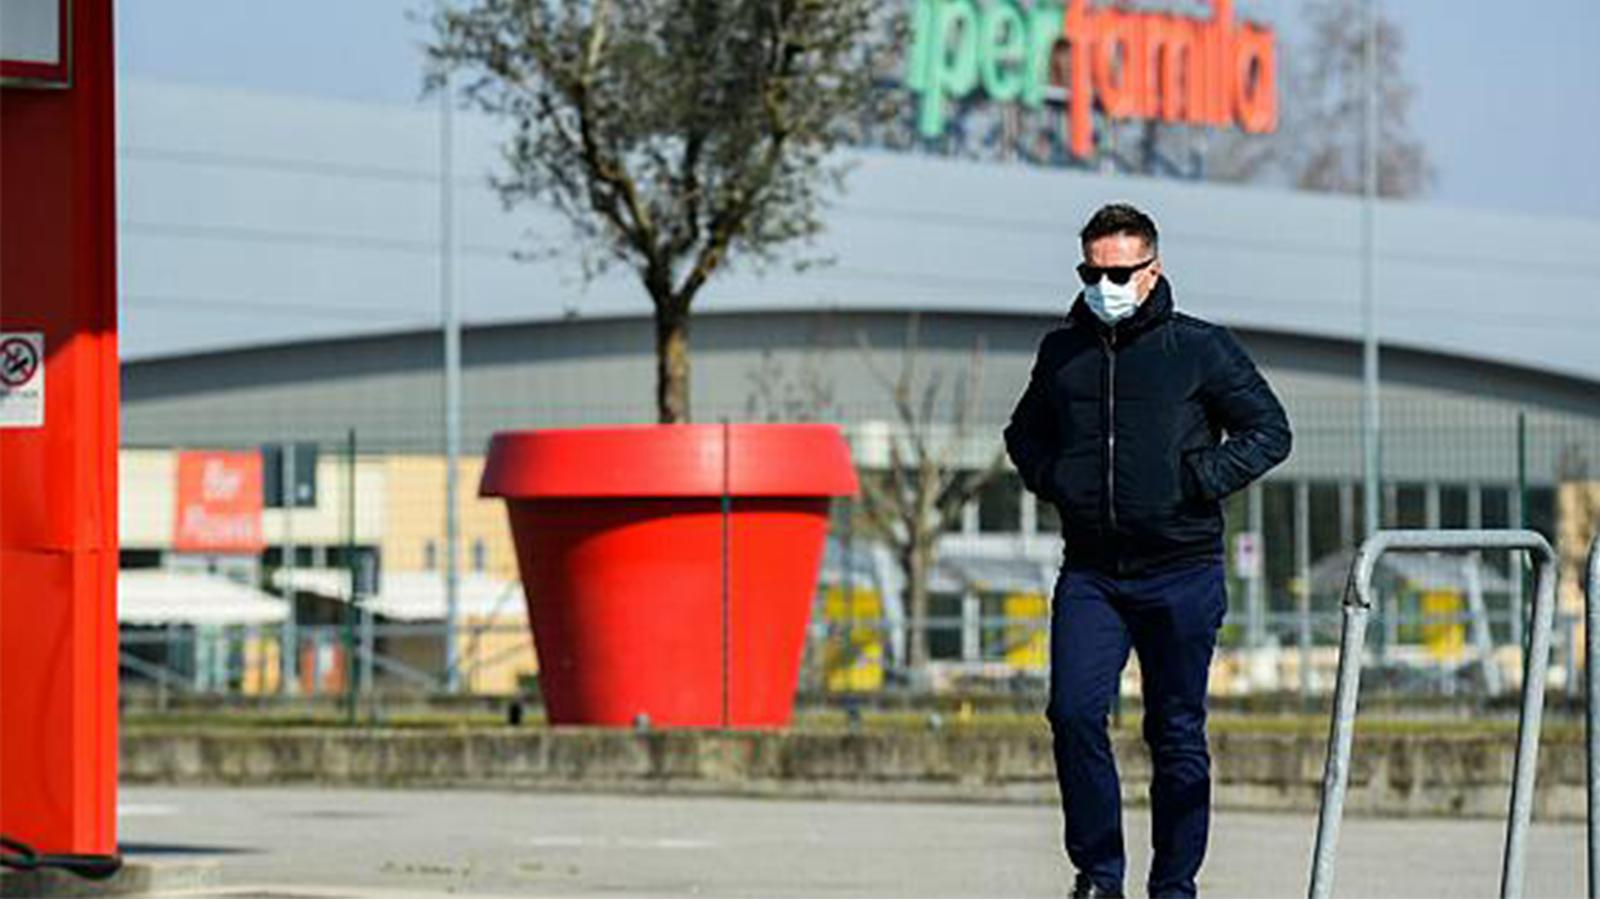 İtalya vaka sayısı artı: Giriş-çıkışlara sınırlandırma